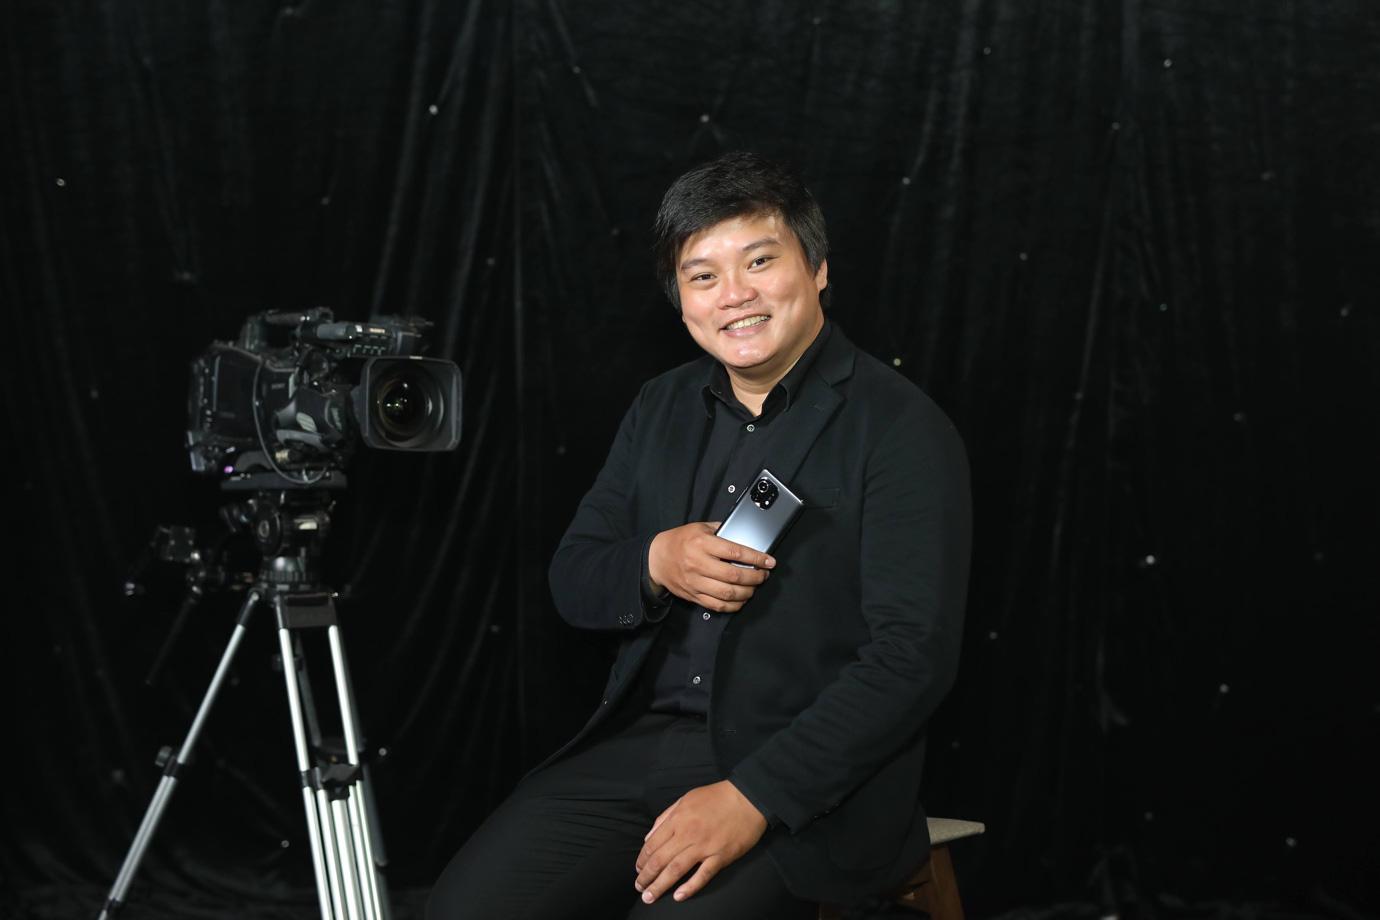 """Sau thành công vang dội của """"Ròm"""", đạo diễn Trần Thanh Huy ấp ủ dự án phim được quay 100% bằng điện thoại - Ảnh 2."""